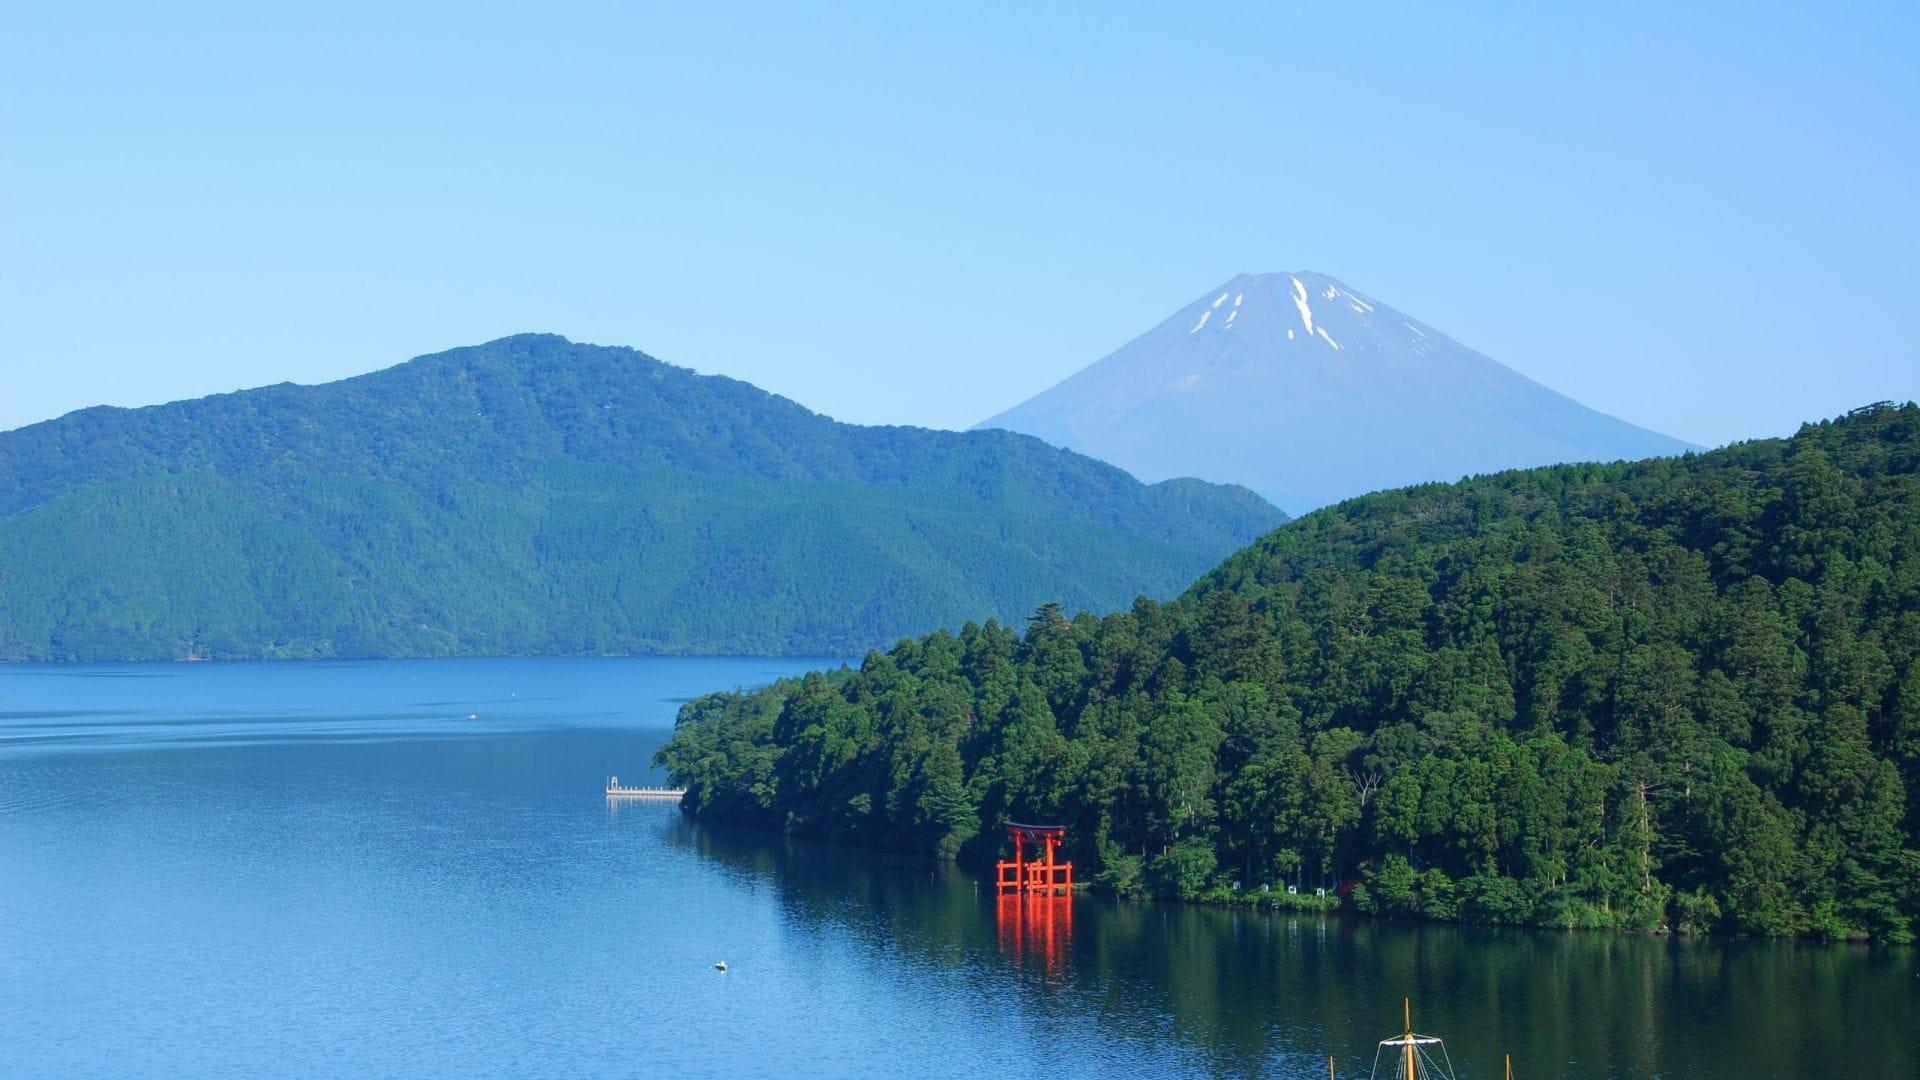 Mt Fuji Summer